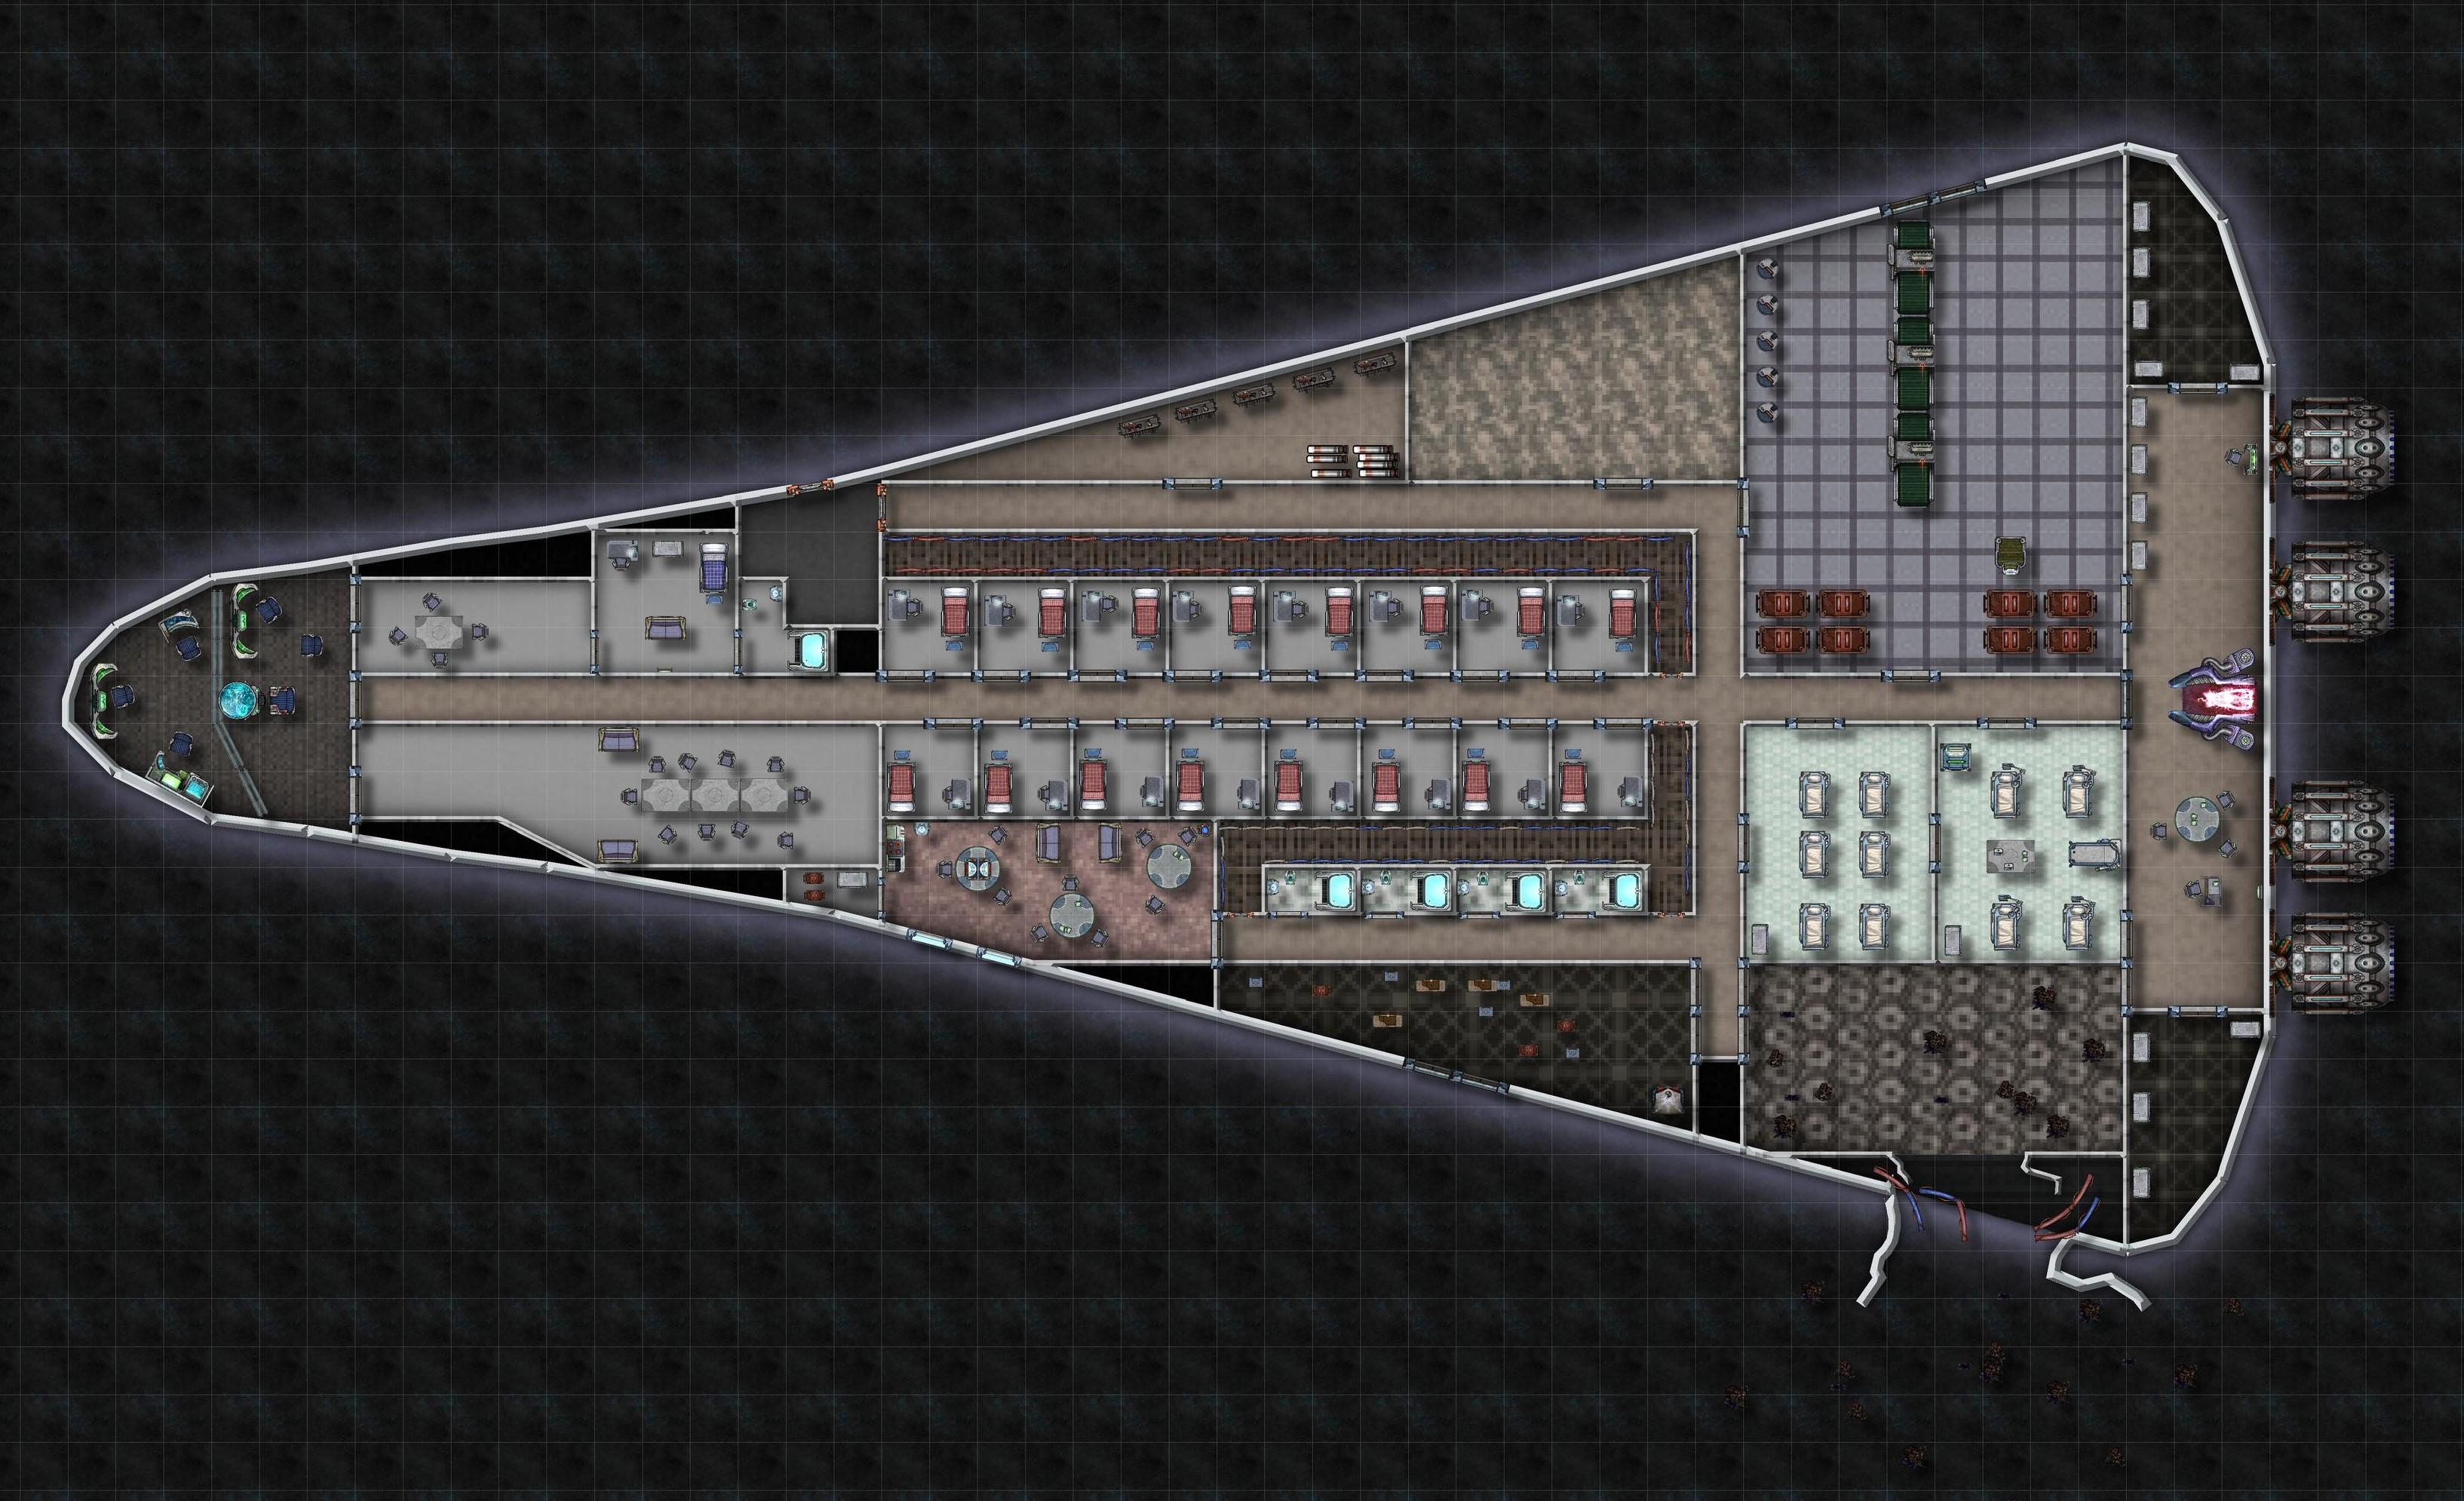 Derelict_Deck 1.JPG